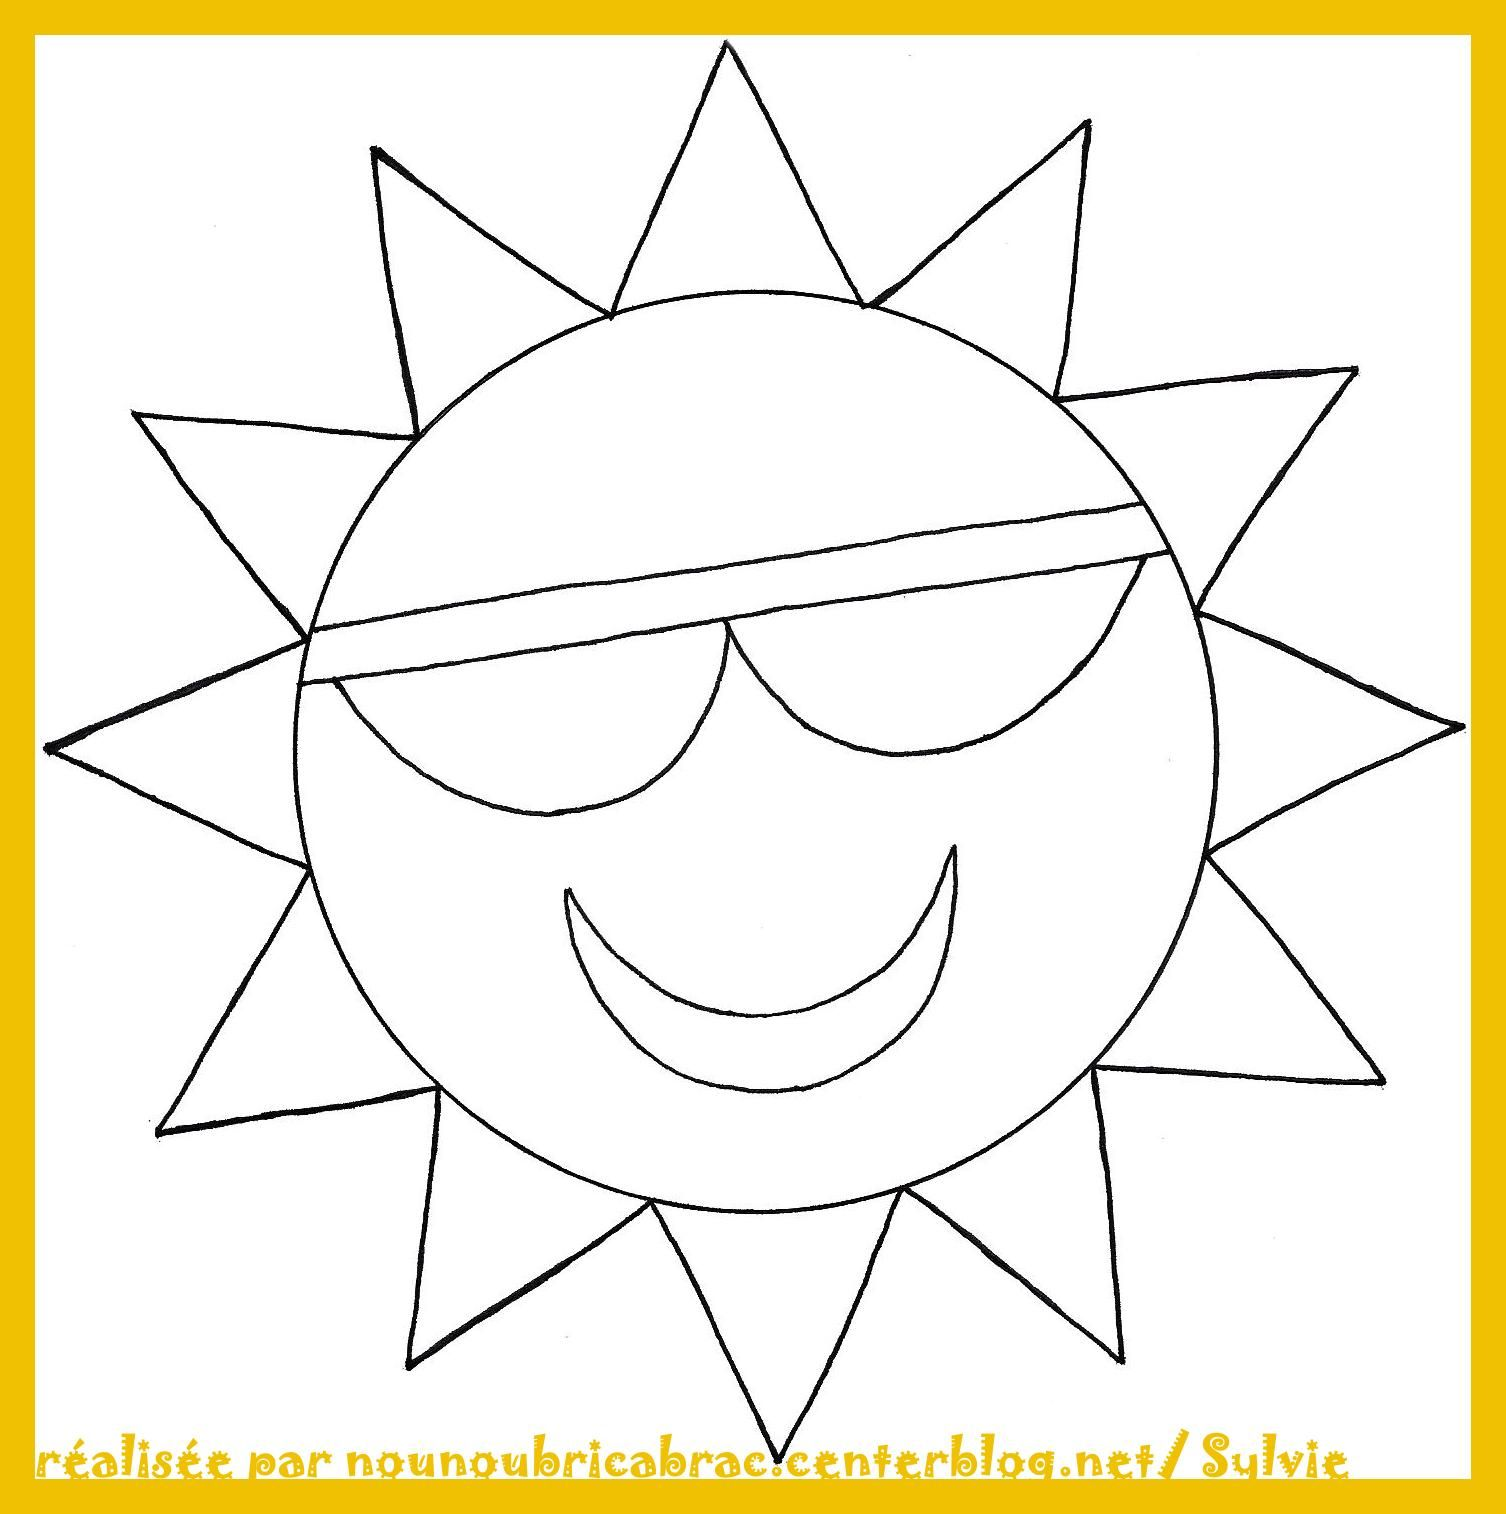 gabarit soleil imprimer   Recherche Google   Coloriage, Coloriage ...